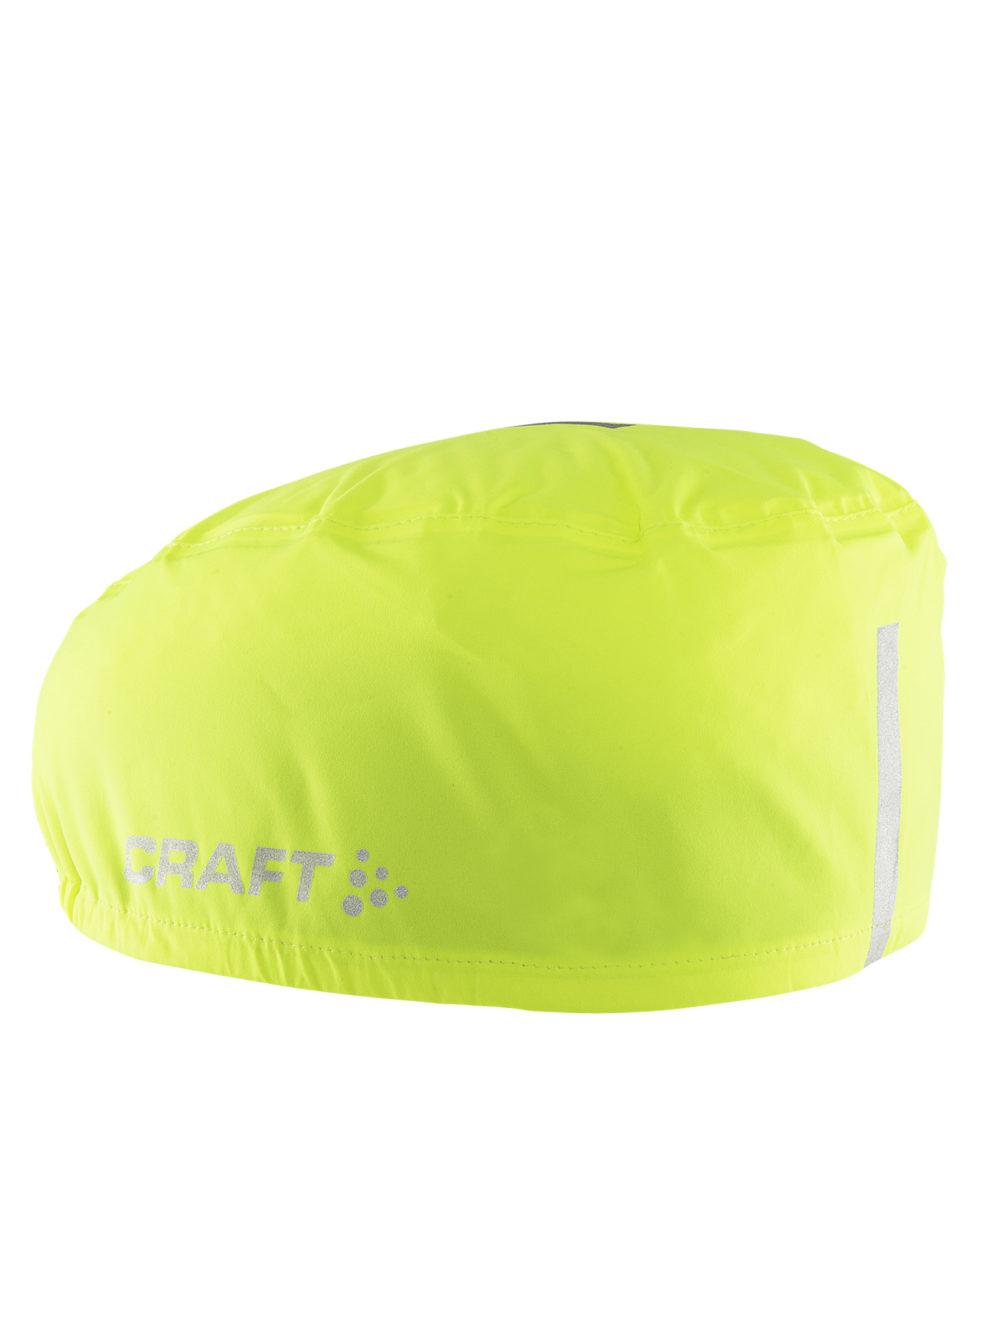 Rain helmet cover. Vind- och vattentätt skydd att sätta på hjälmen för att skydda mot väta och vind och som gör dig mer synlig i trafiken. Färg: Flumino Pris: 300 kr